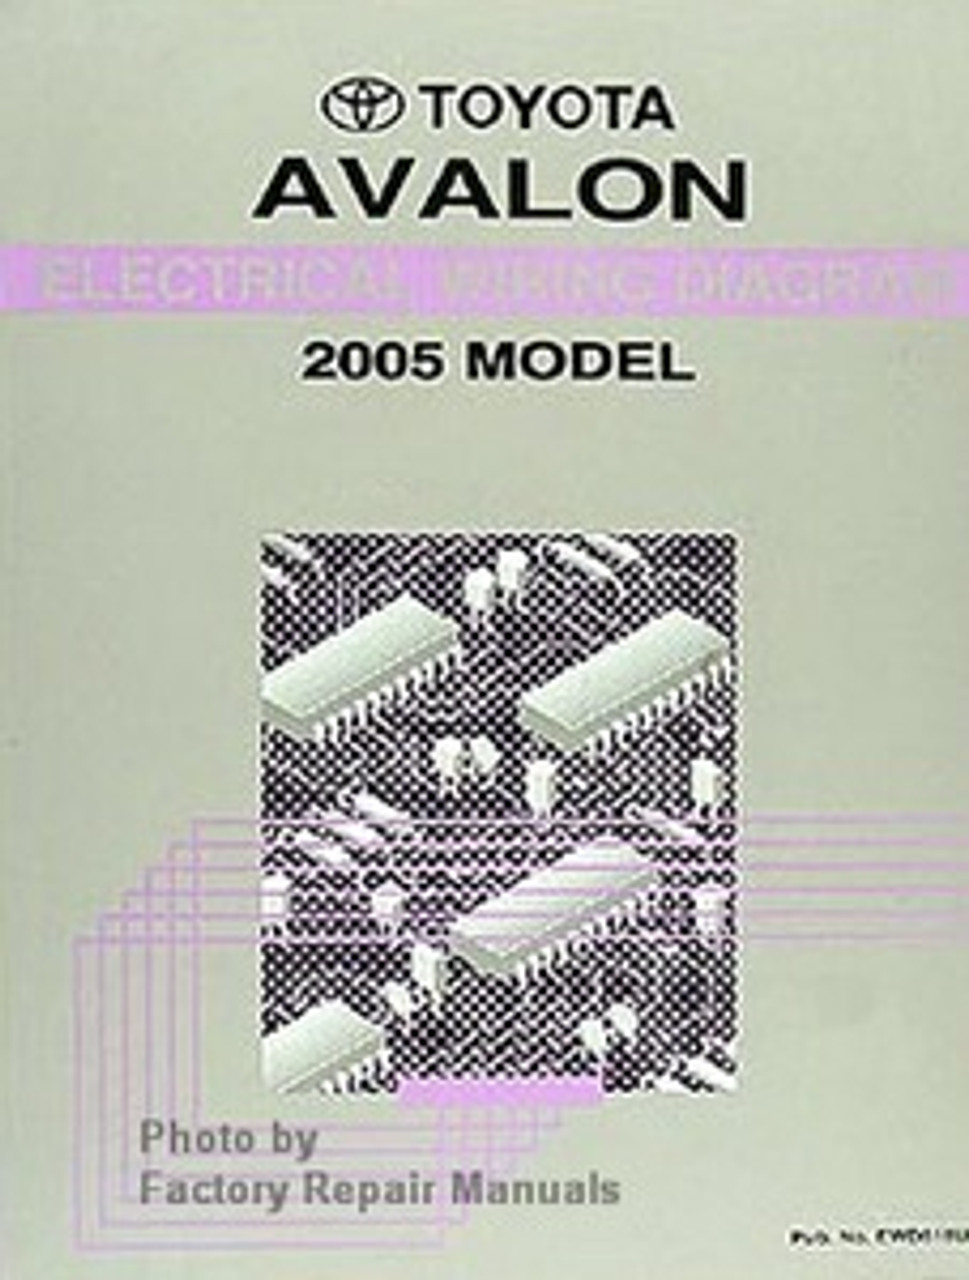 2005 toyota avalon electrical wiring diagrams original factory manual -  factory repair manuals  factory repair manuals